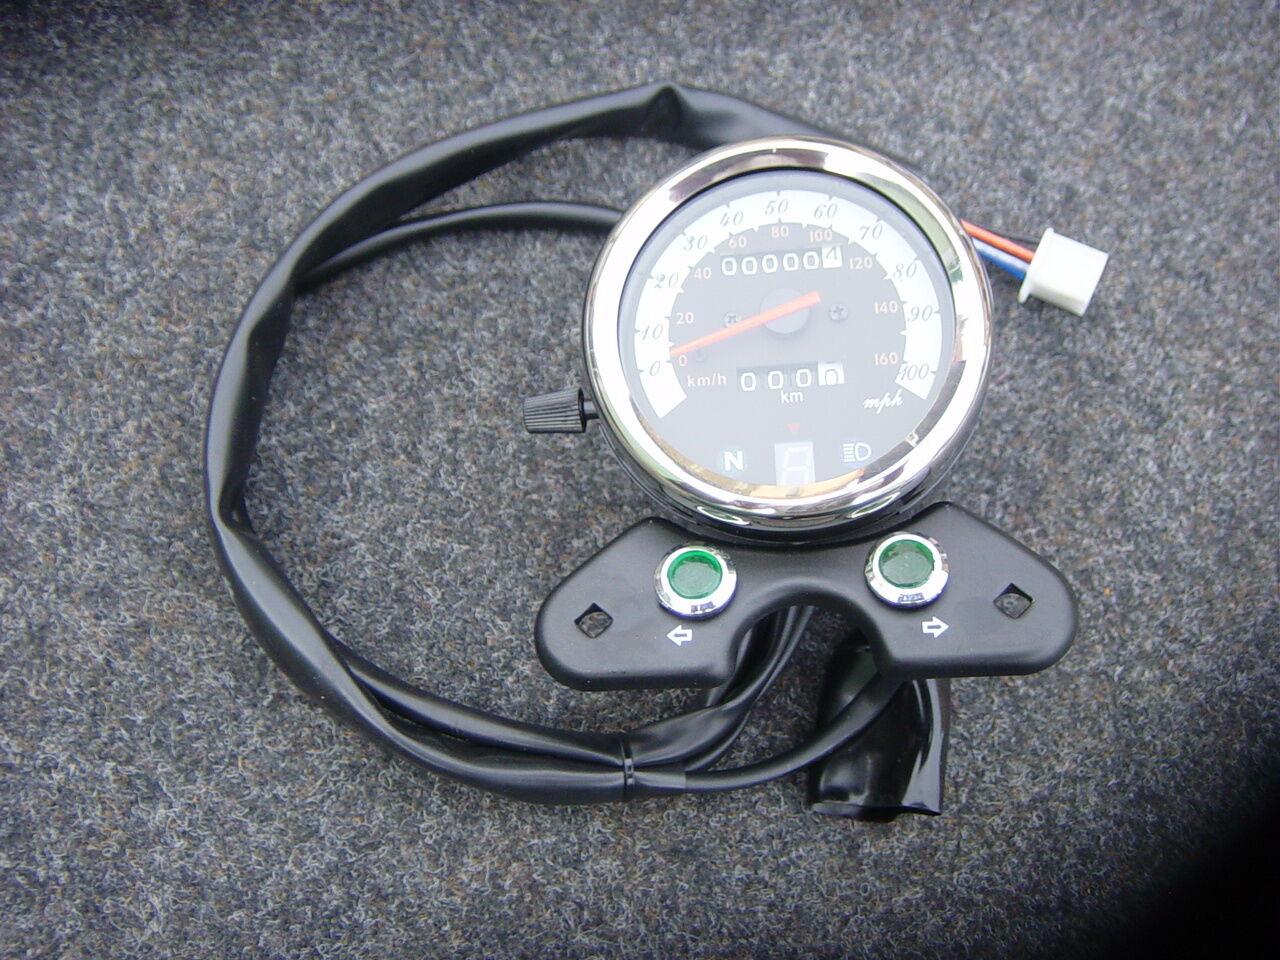 en promociones de estadios Velocímetro Tachometer Tachometer Tachometer orginal nuevo luxxon Sixty Six 1161000011000  deportes calientes